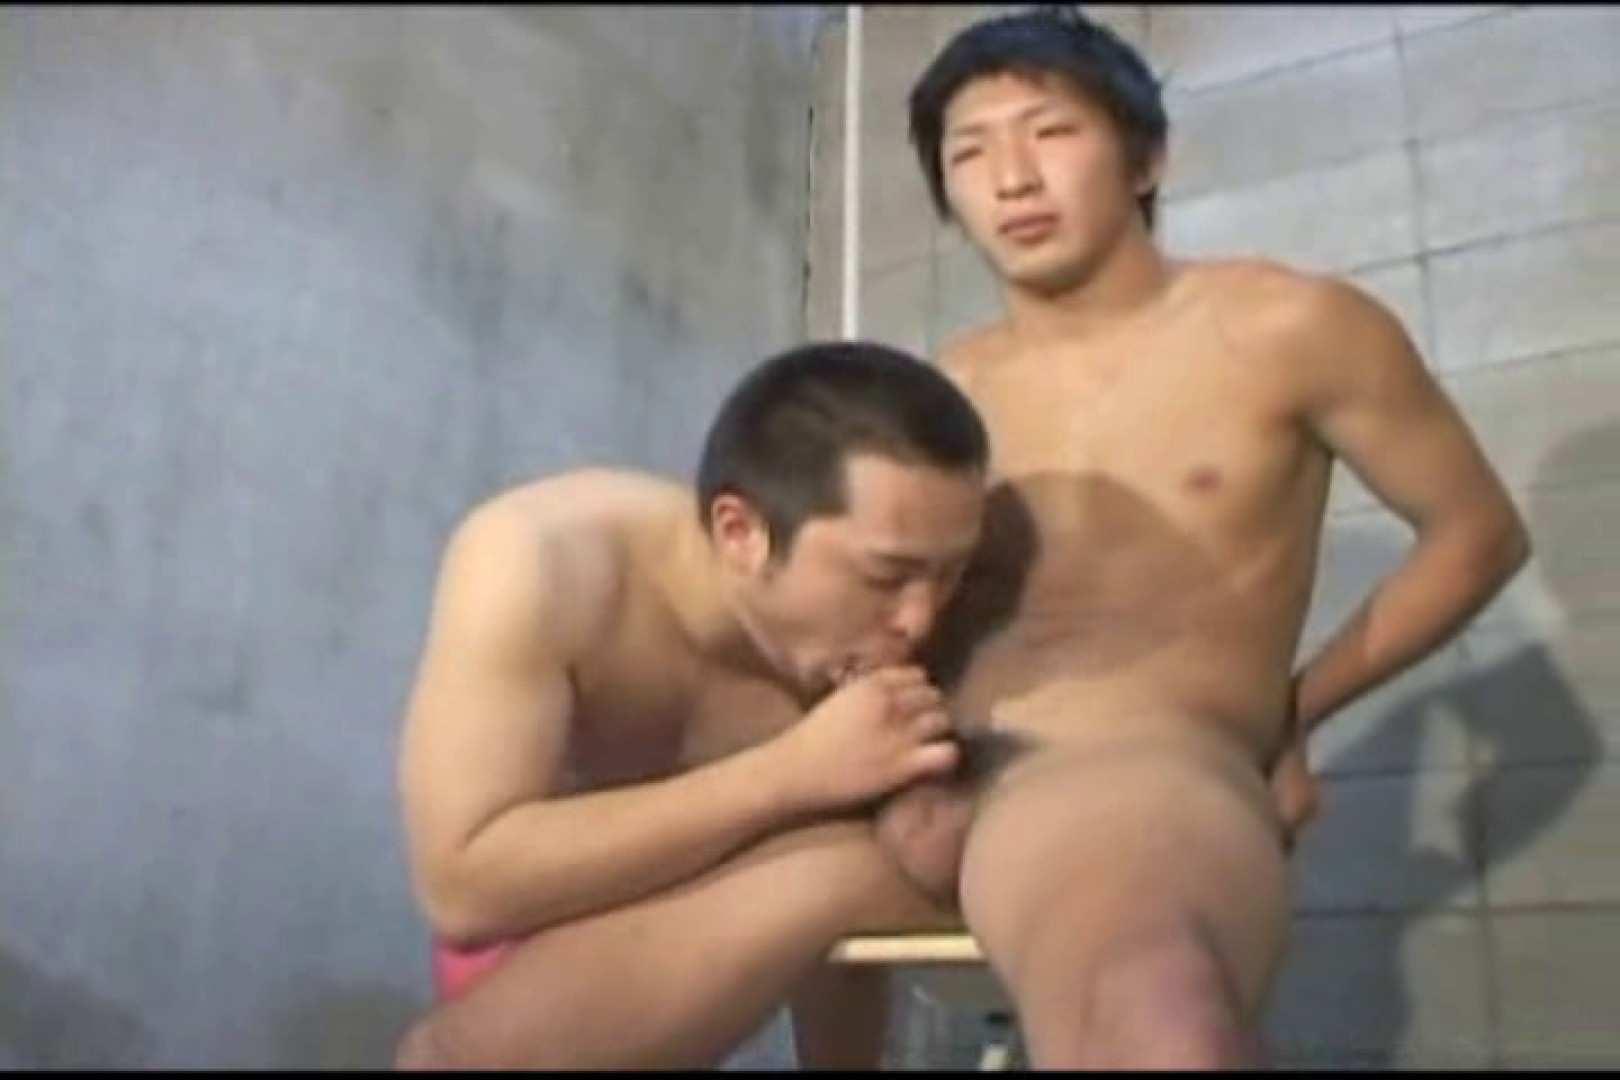 機械室で体育会系男子を手コキ&フェラ!! 無修正 ゲイAV画像 96pic 60